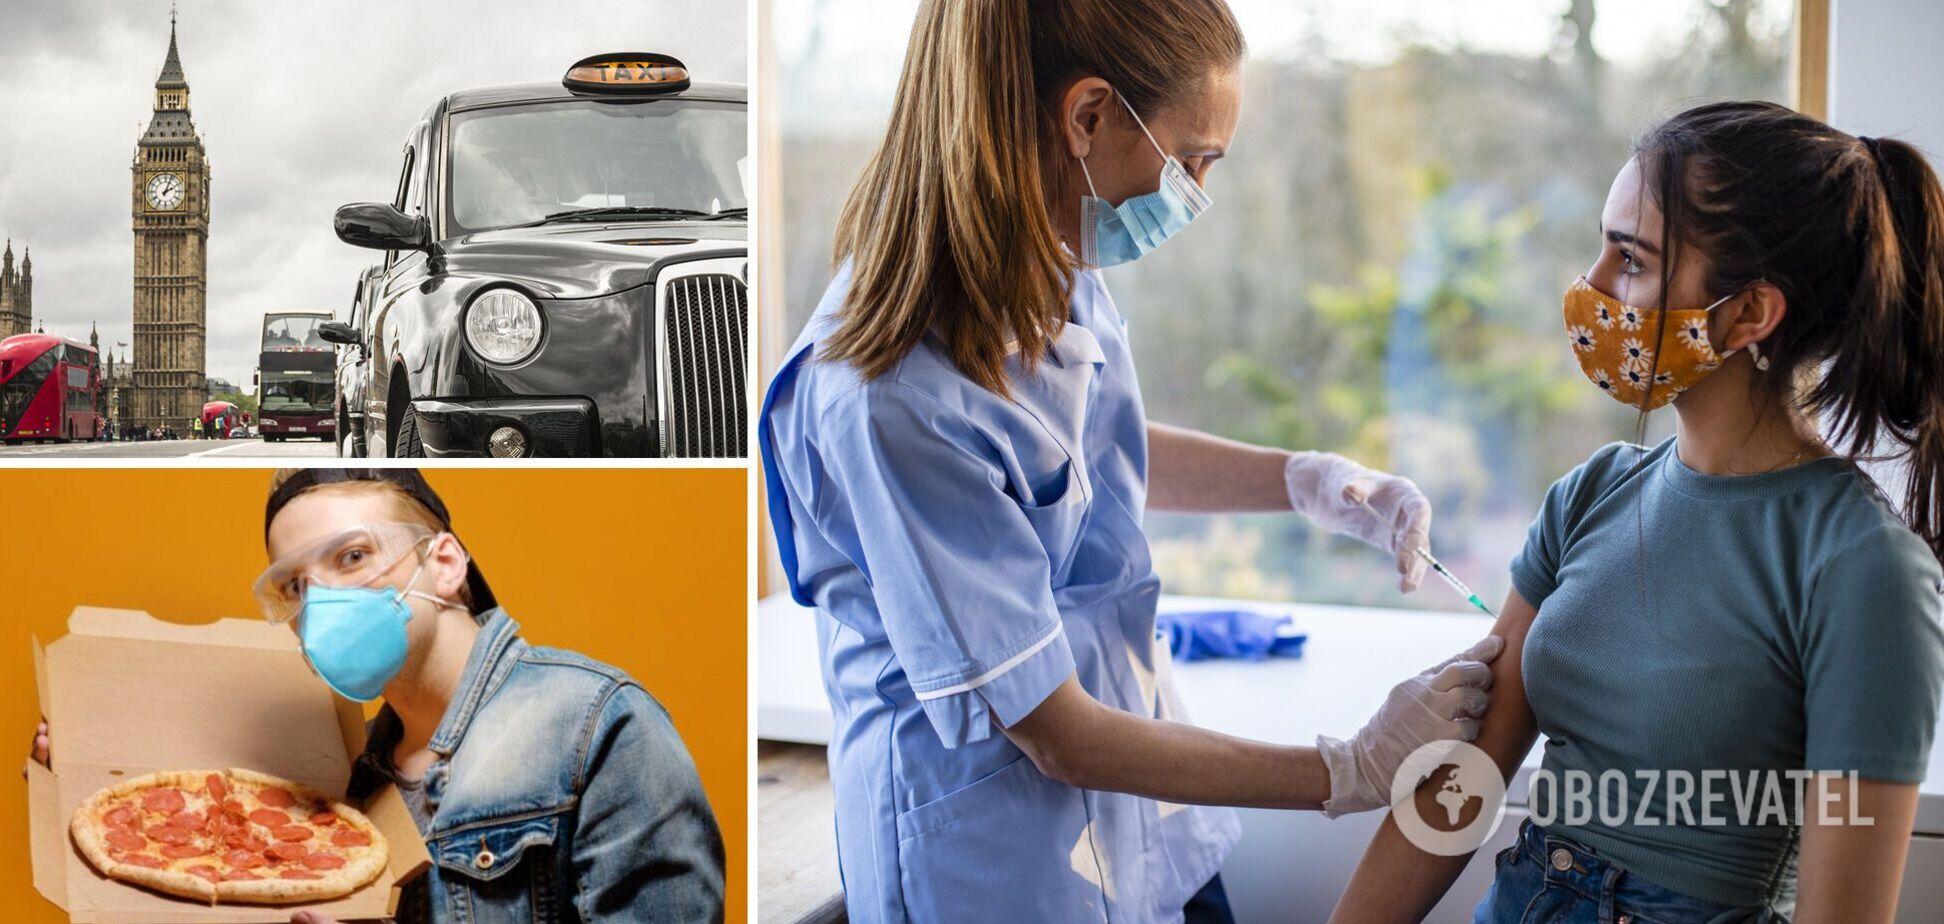 В Британии молодежи будут давать скидки на пиццу и такси за прививку от COVID-19